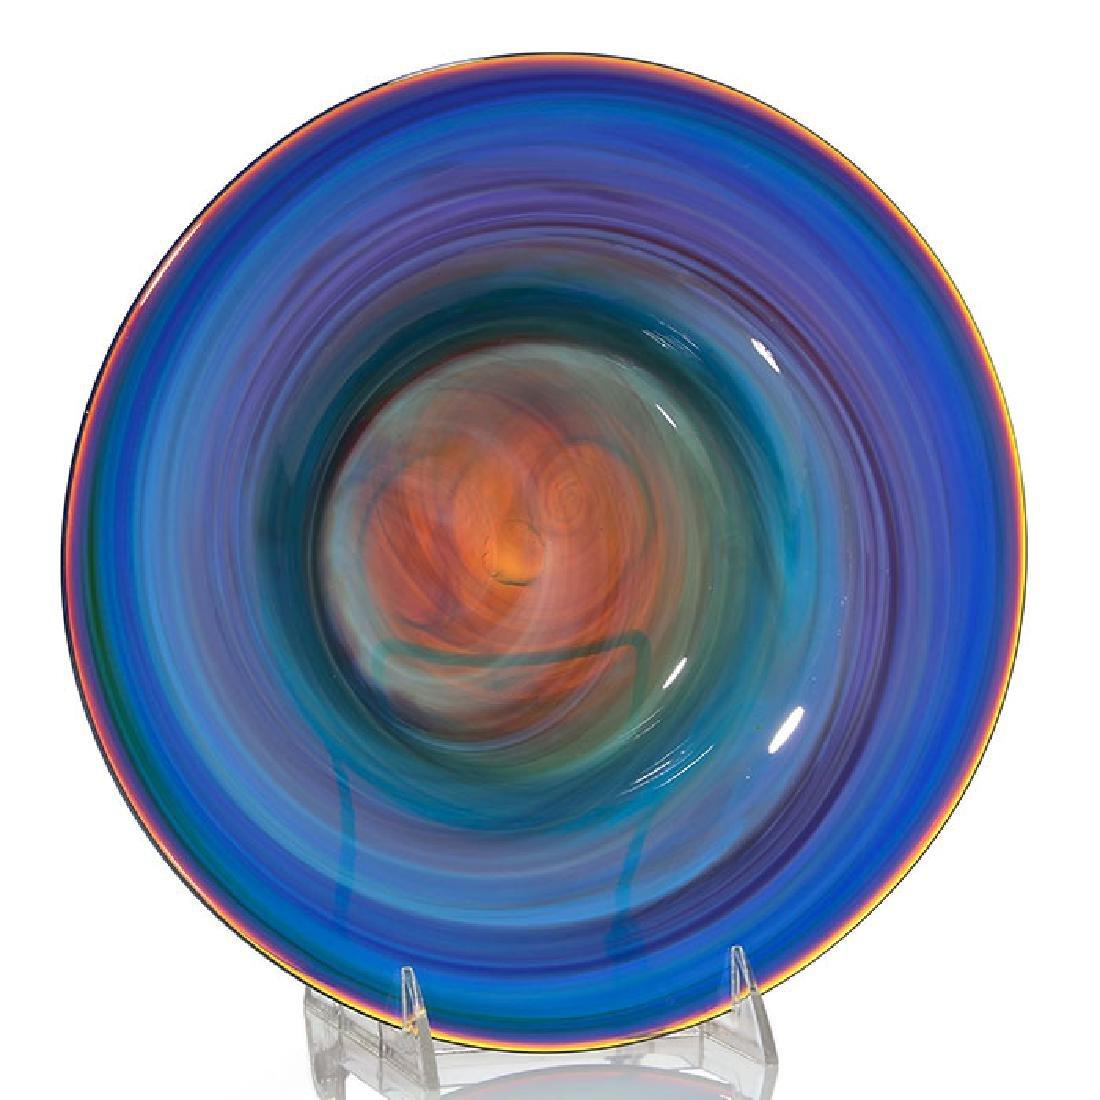 Early Mark Peiser center bowl, tans & blue, 10 3/4